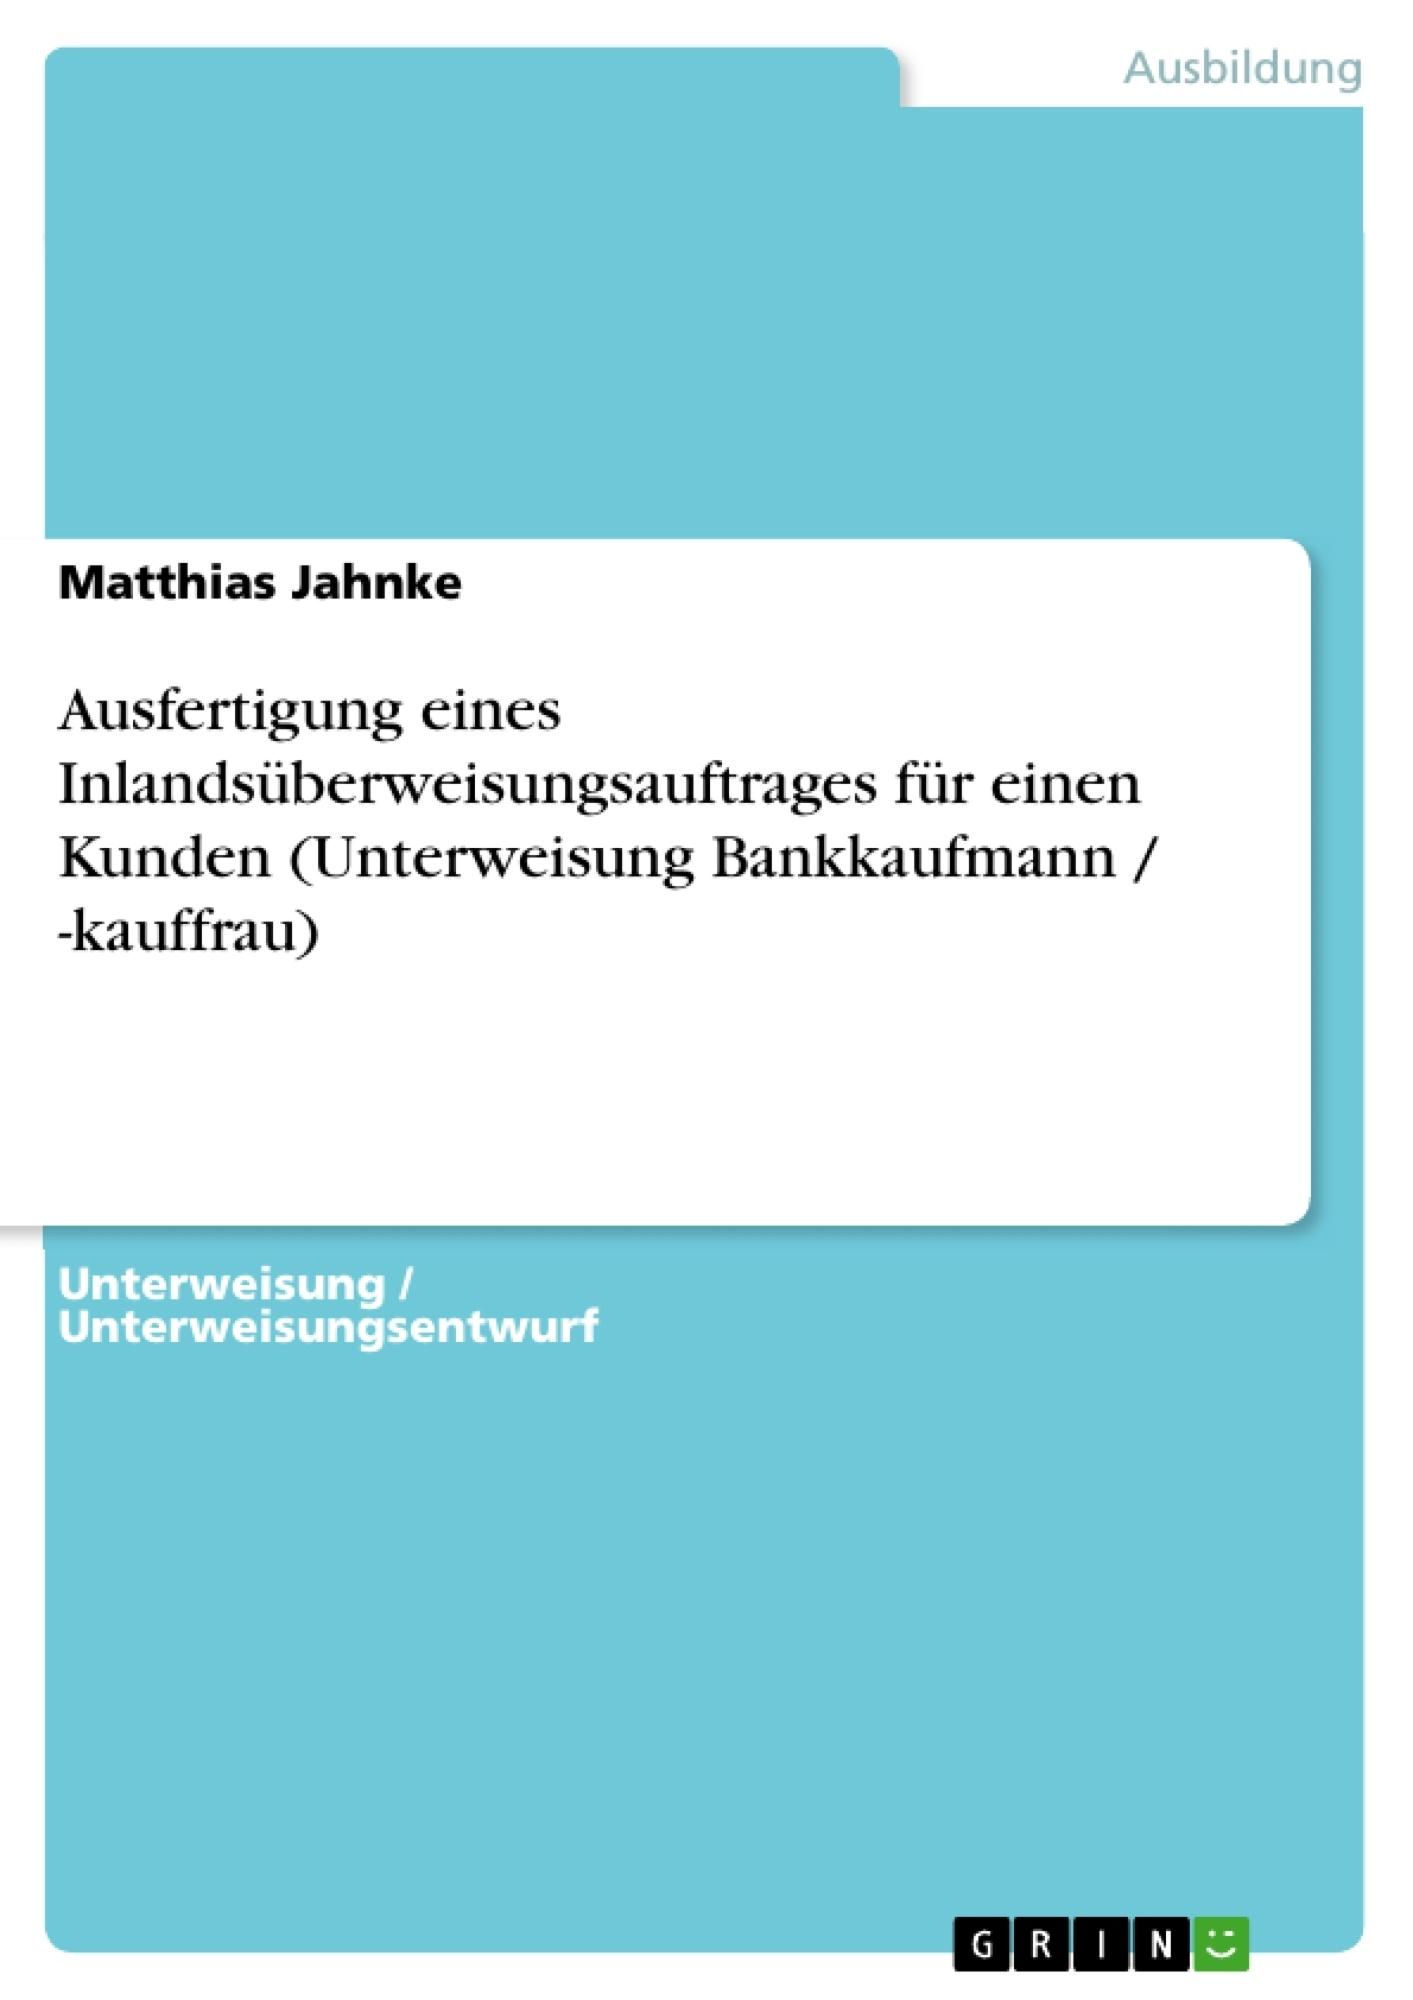 Titel: Ausfertigung eines Inlandsüberweisungsauftrages für einen Kunden (Unterweisung Bankkaufmann / -kauffrau)